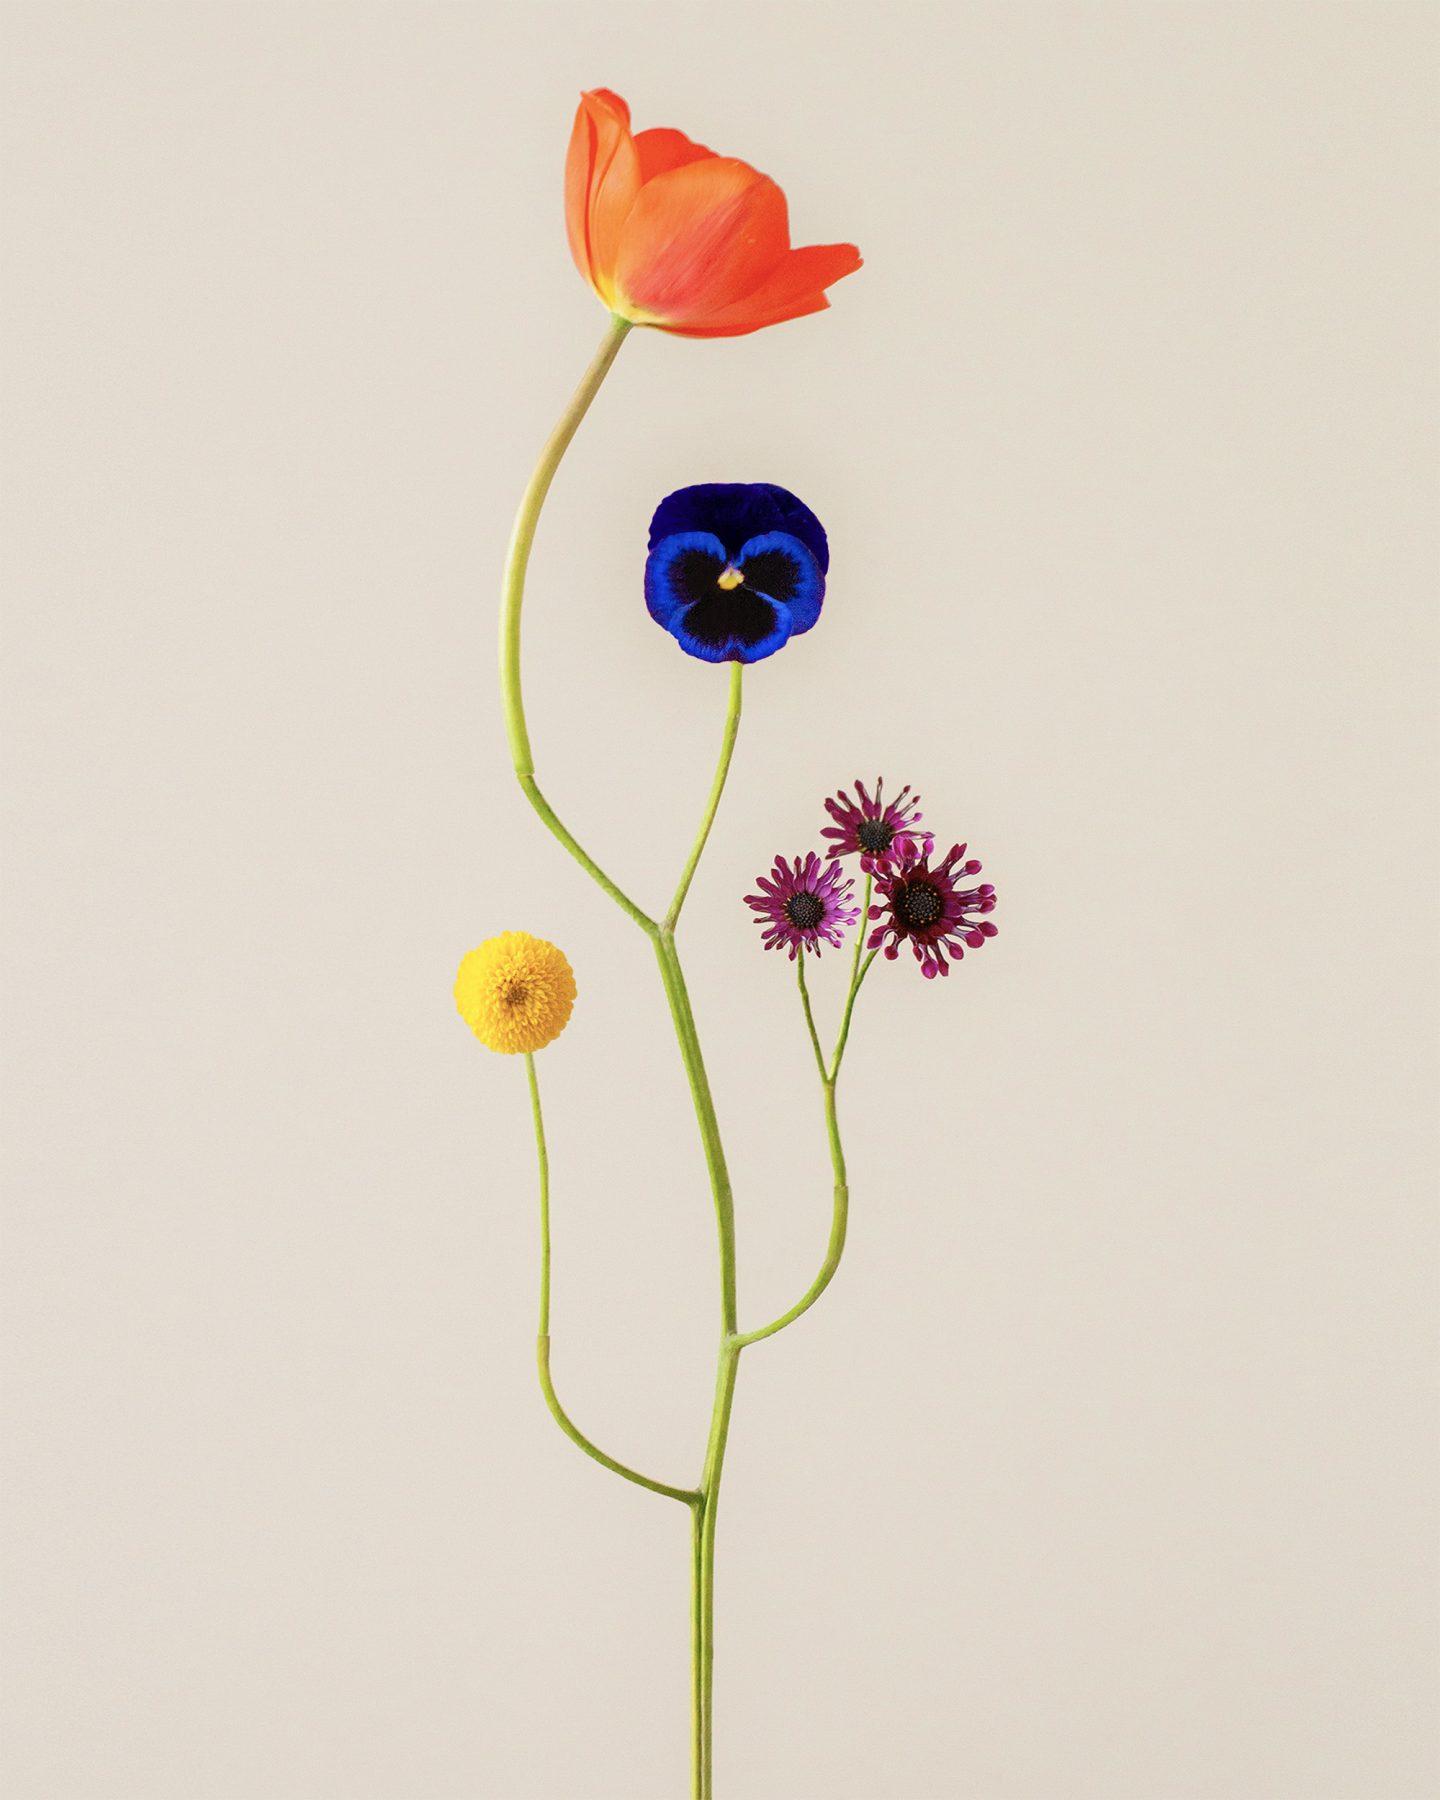 IGNANT-Photography-Jennifer-Latour-06